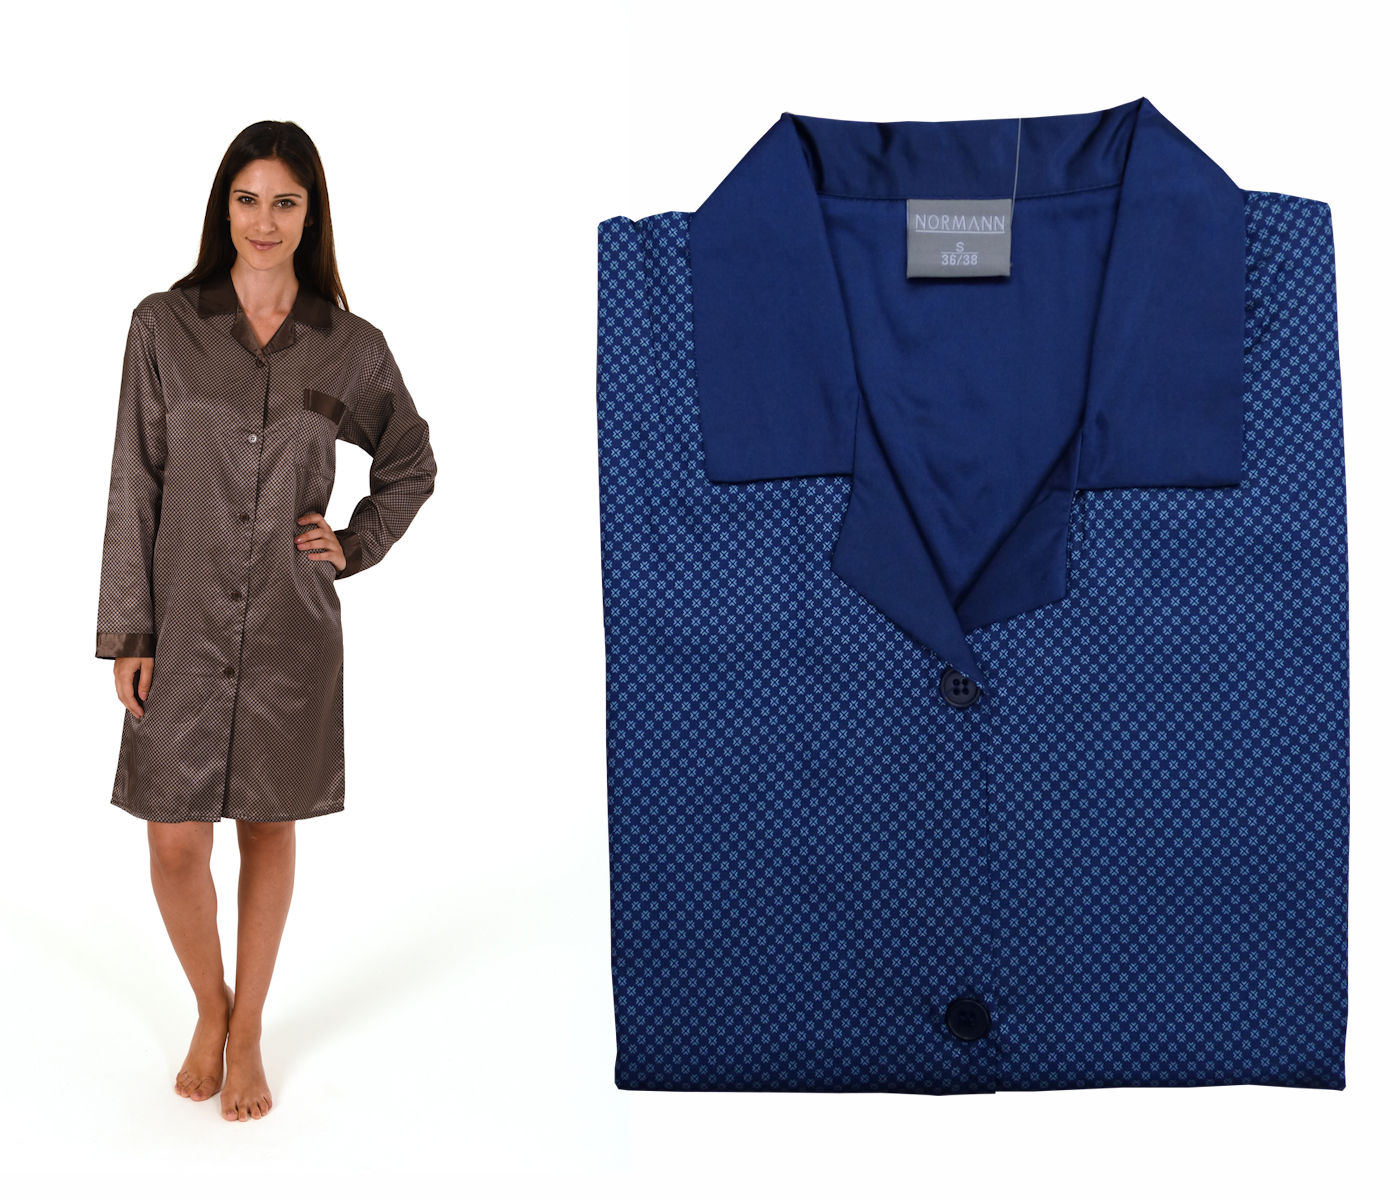 1b5ff4ab6f Damen Satin Nachthemd Duchgeknöpft Langarm 58359